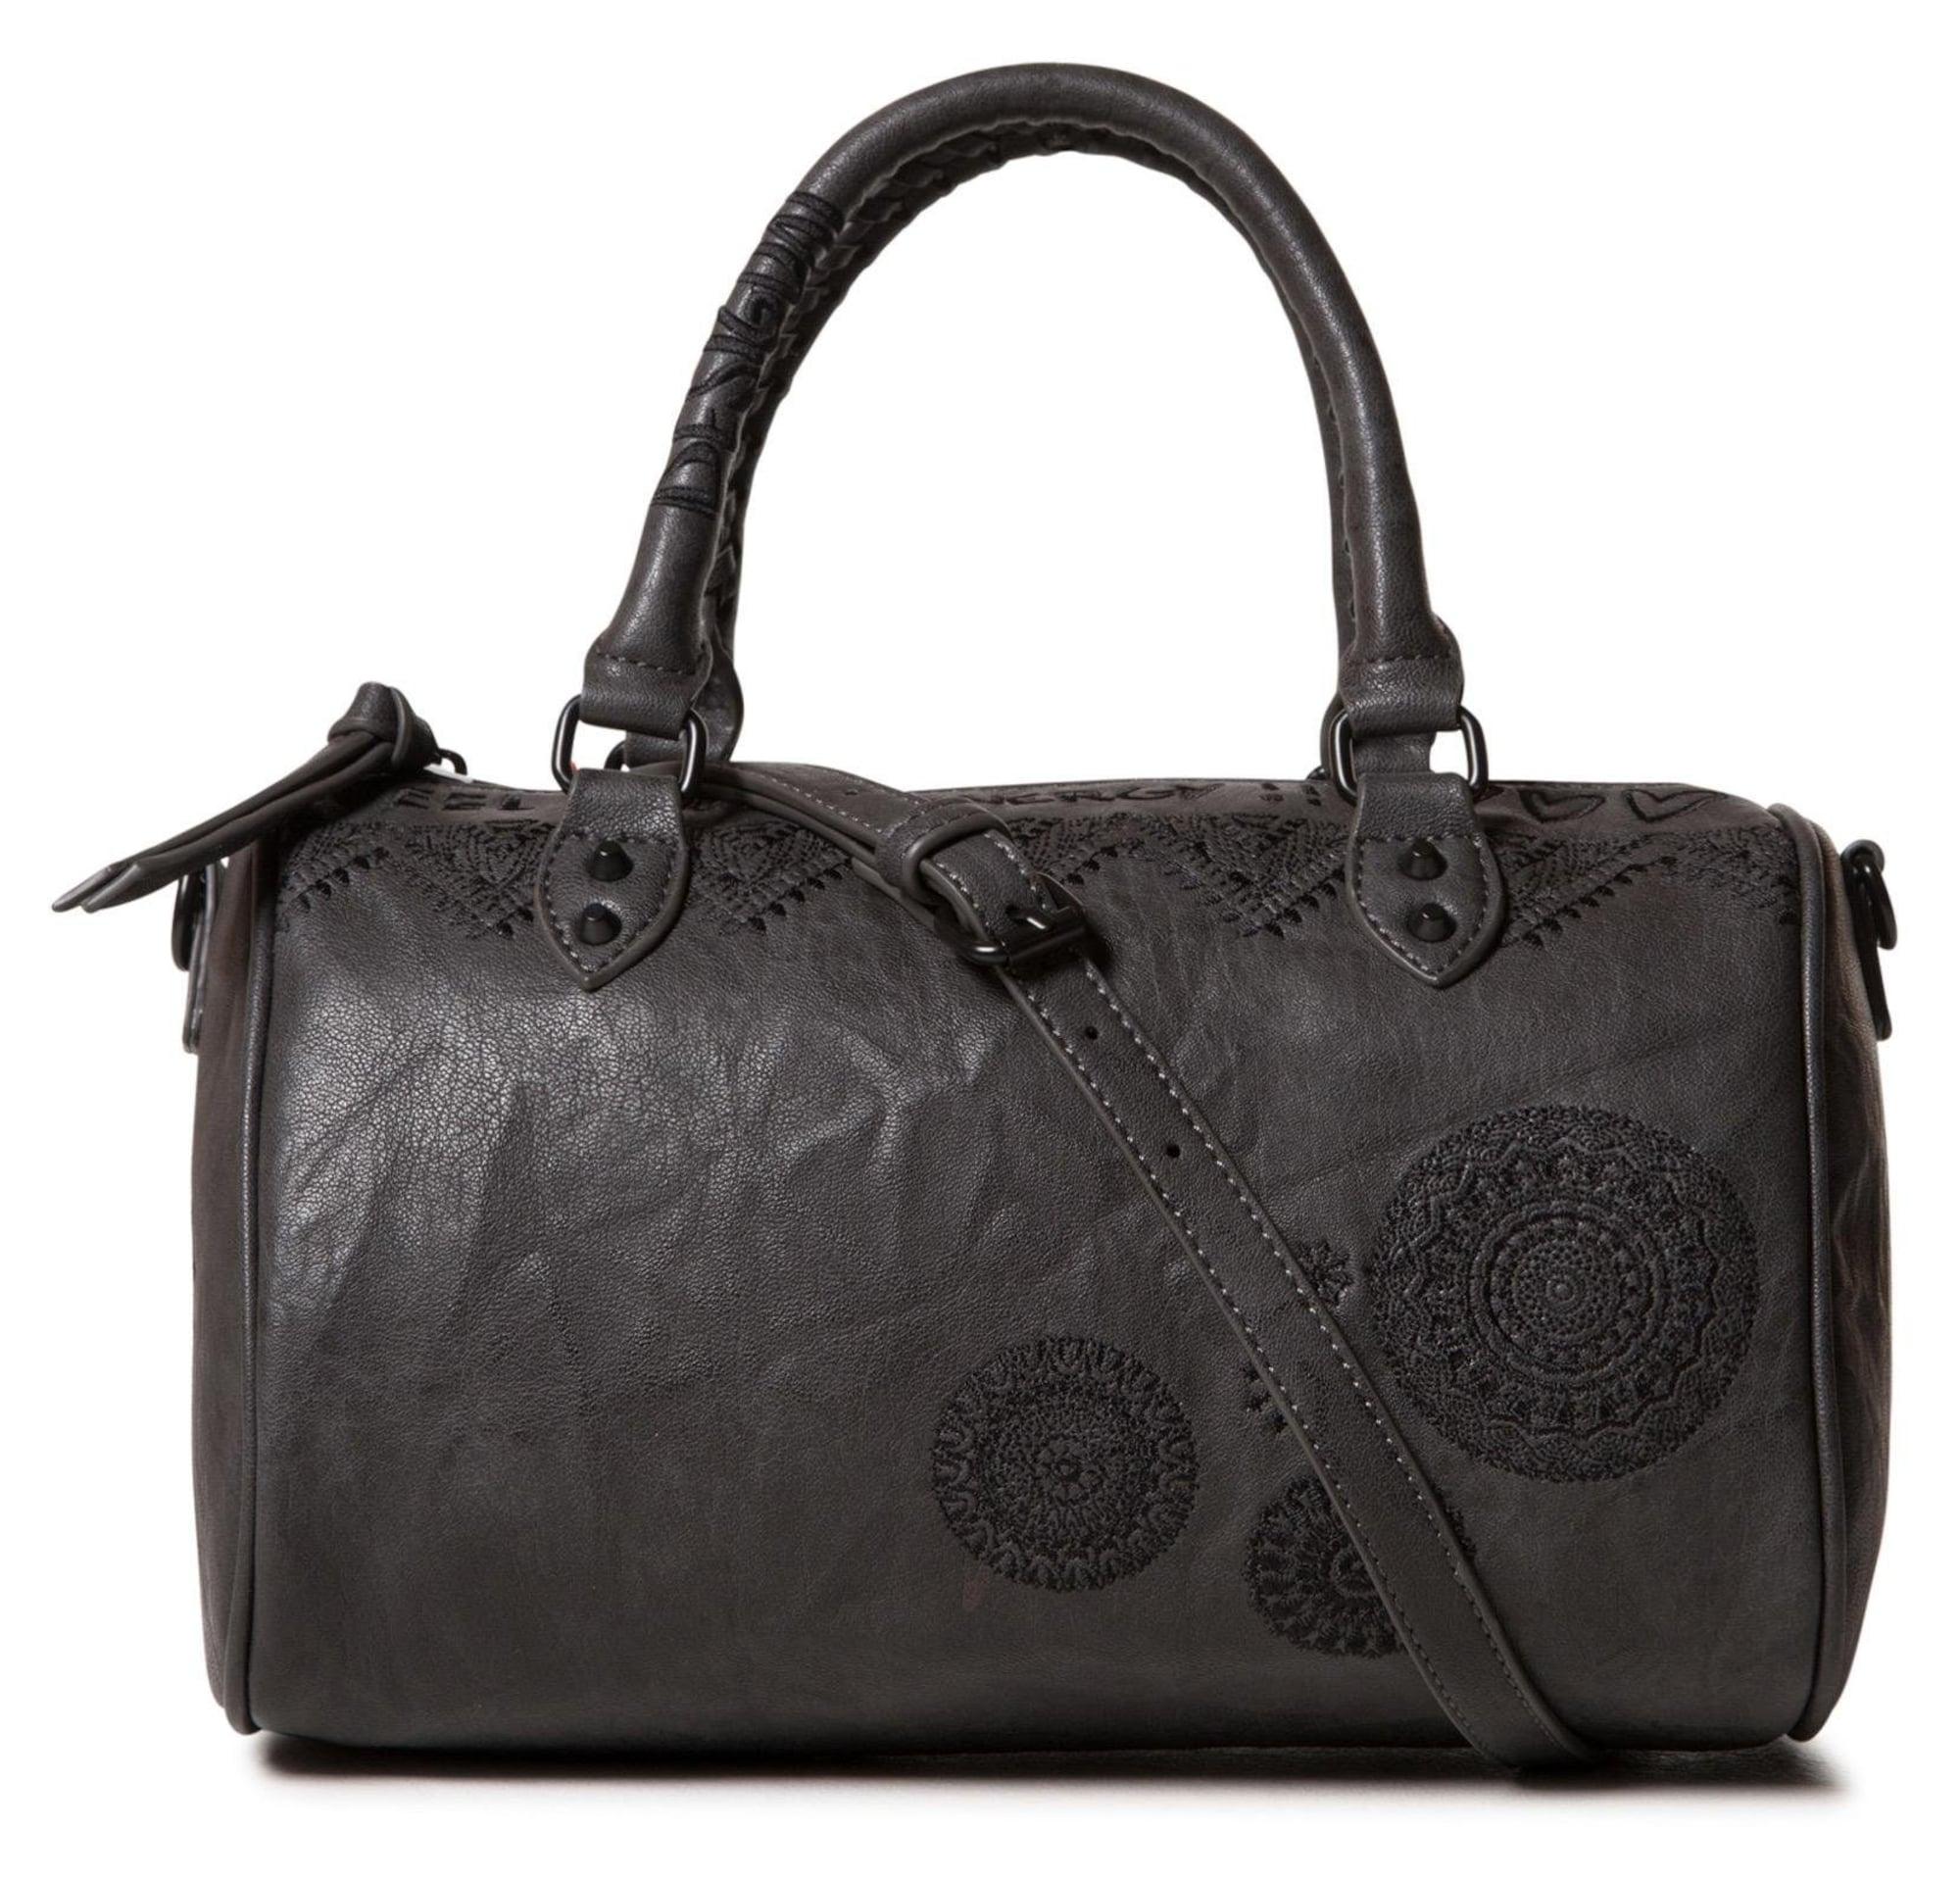 Henkeltasche 'Albita_Nolita Mini' | Taschen > Handtaschen > Henkeltaschen | Desigual